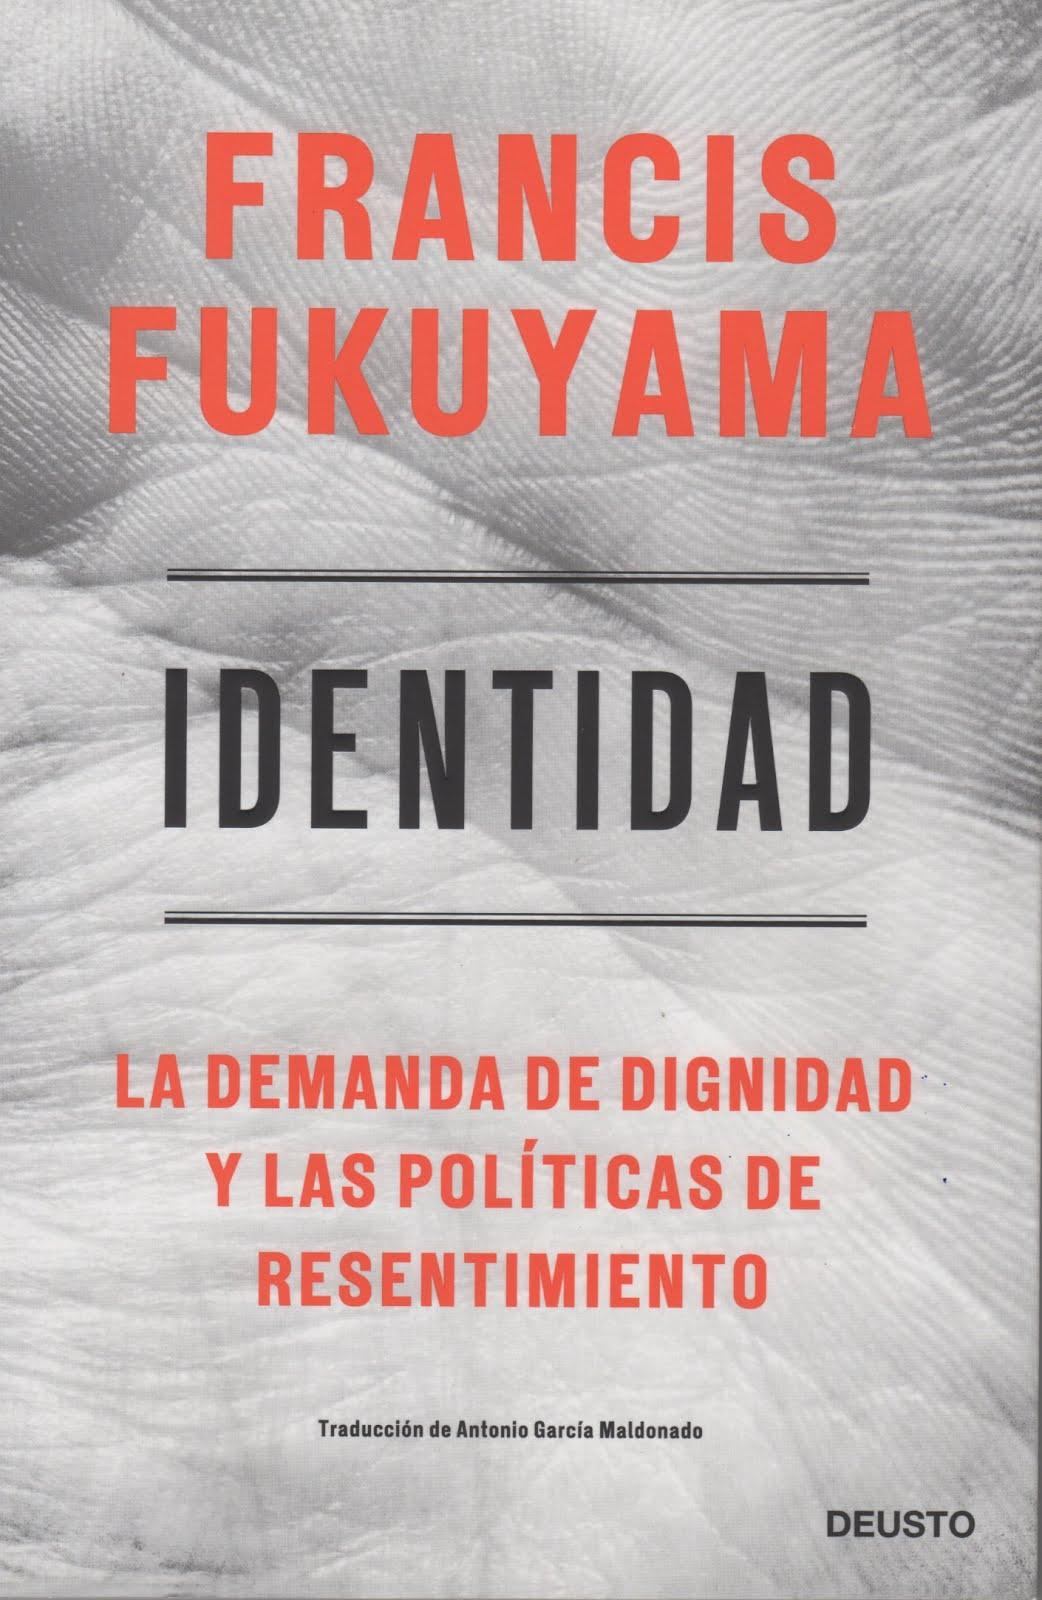 Francis Fukuyama (Identidad) La demanda de dignidad y las políticas de resentimiento